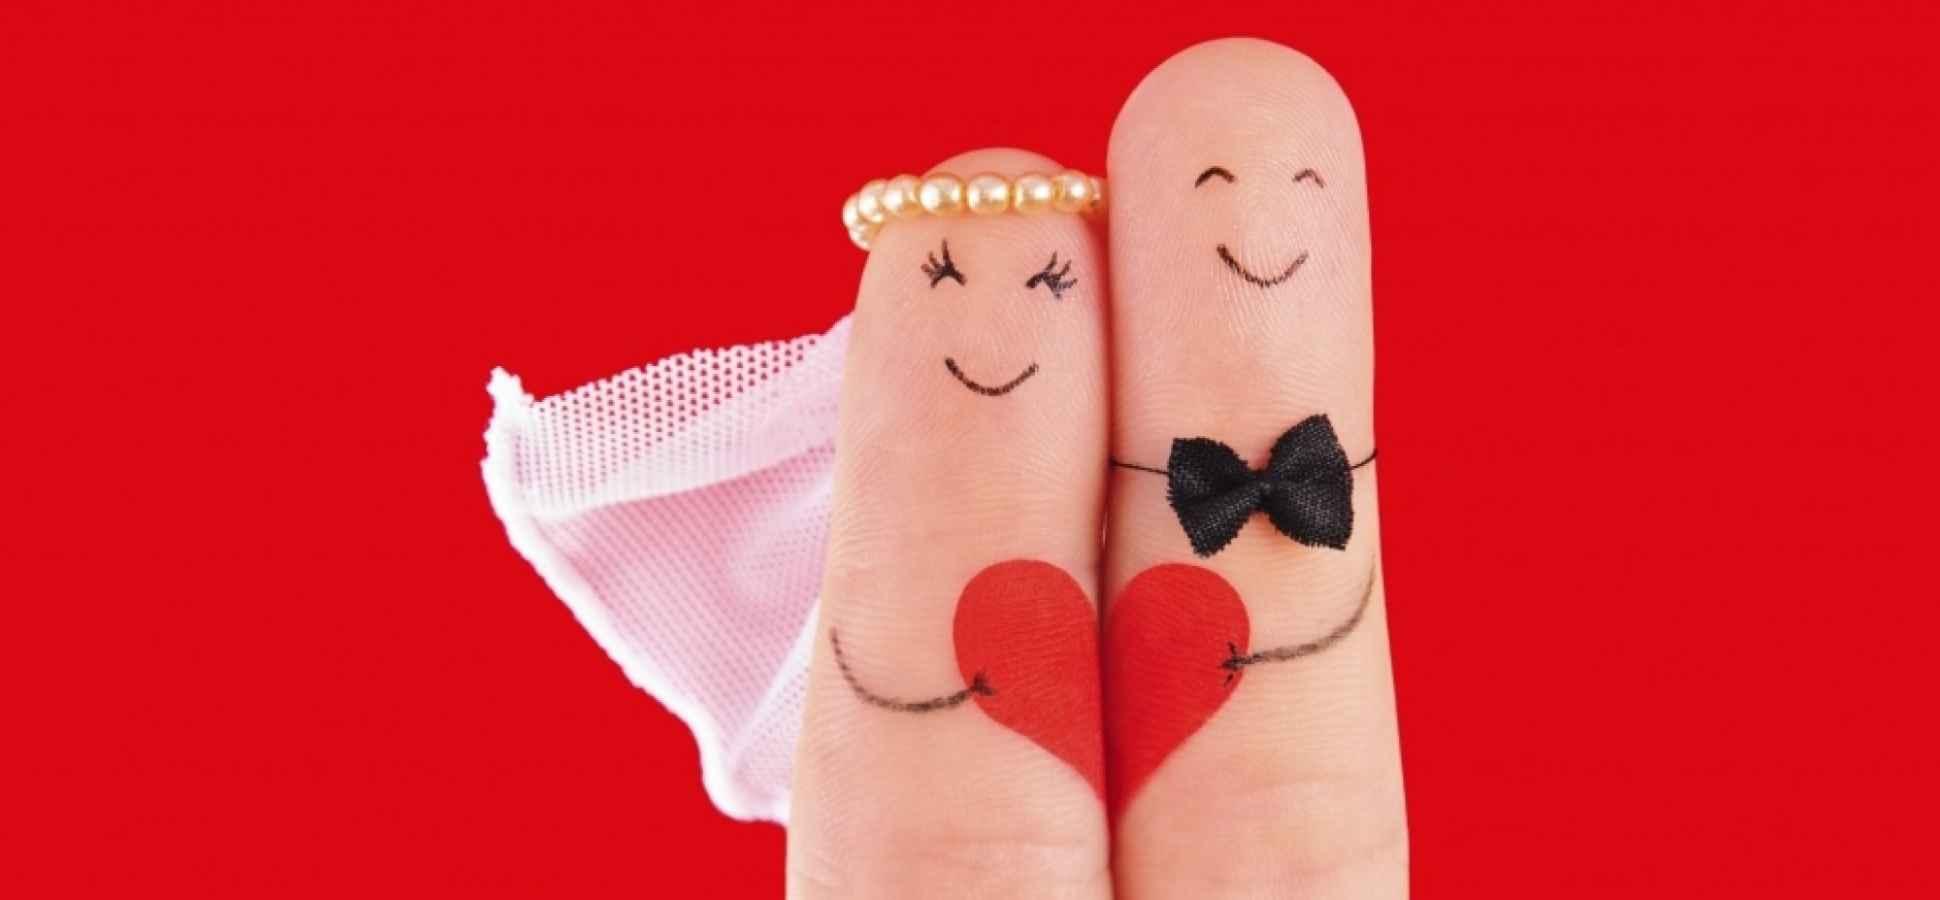 How to Avoid 4 Major Marriage Pitfalls for Entrepreneurs